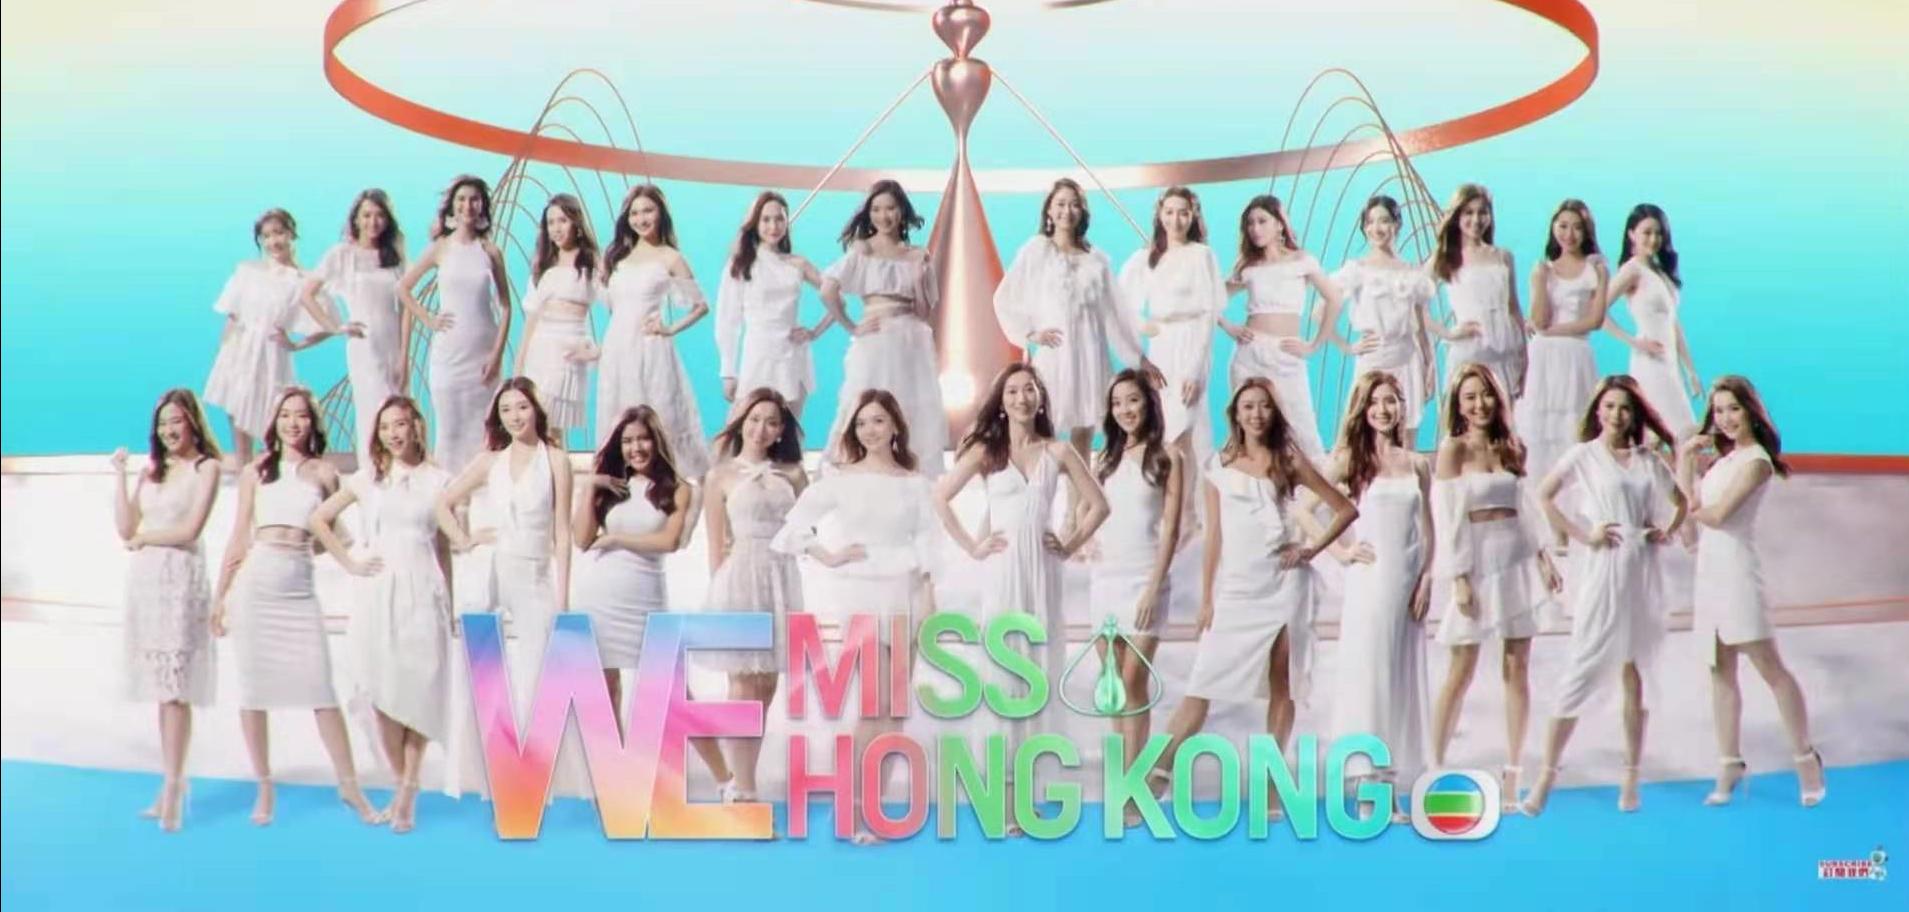 緊跟潮流,TVB港姐2021競選大玩真人秀,晉級賽下週一播出